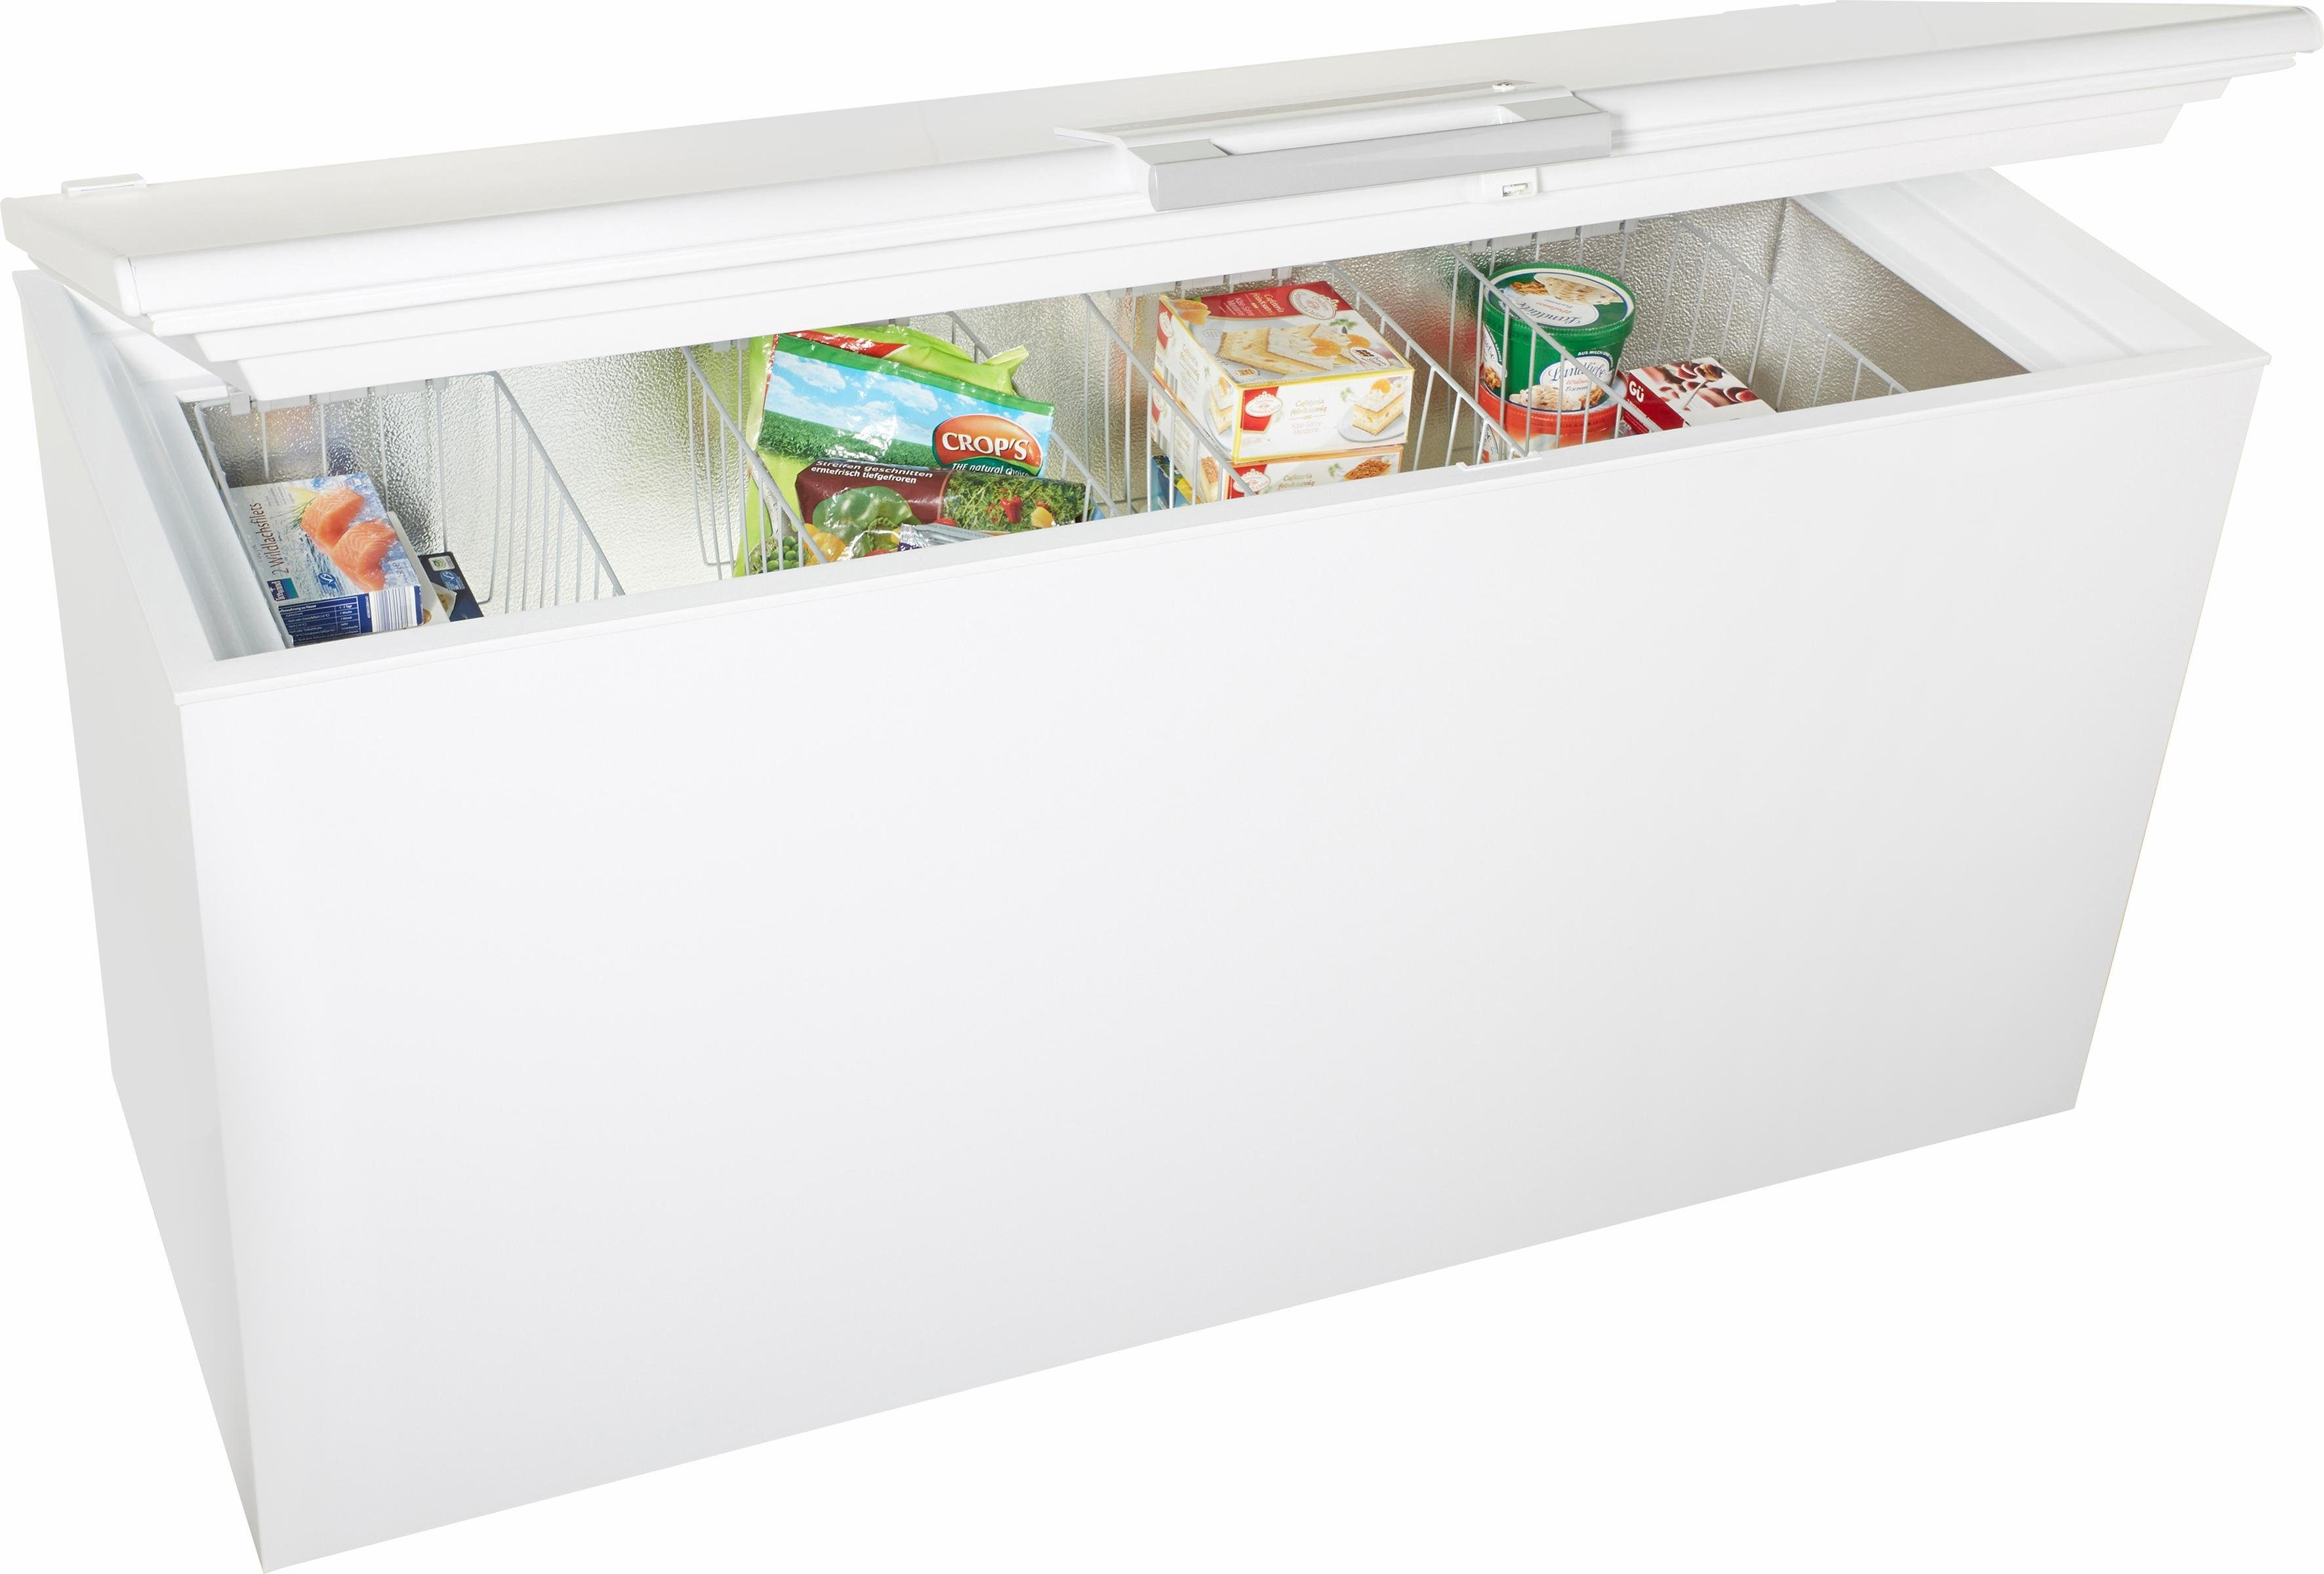 Aeg Kühlschrank Eisbildung : Aeg gefriertruhen online kaufen otto